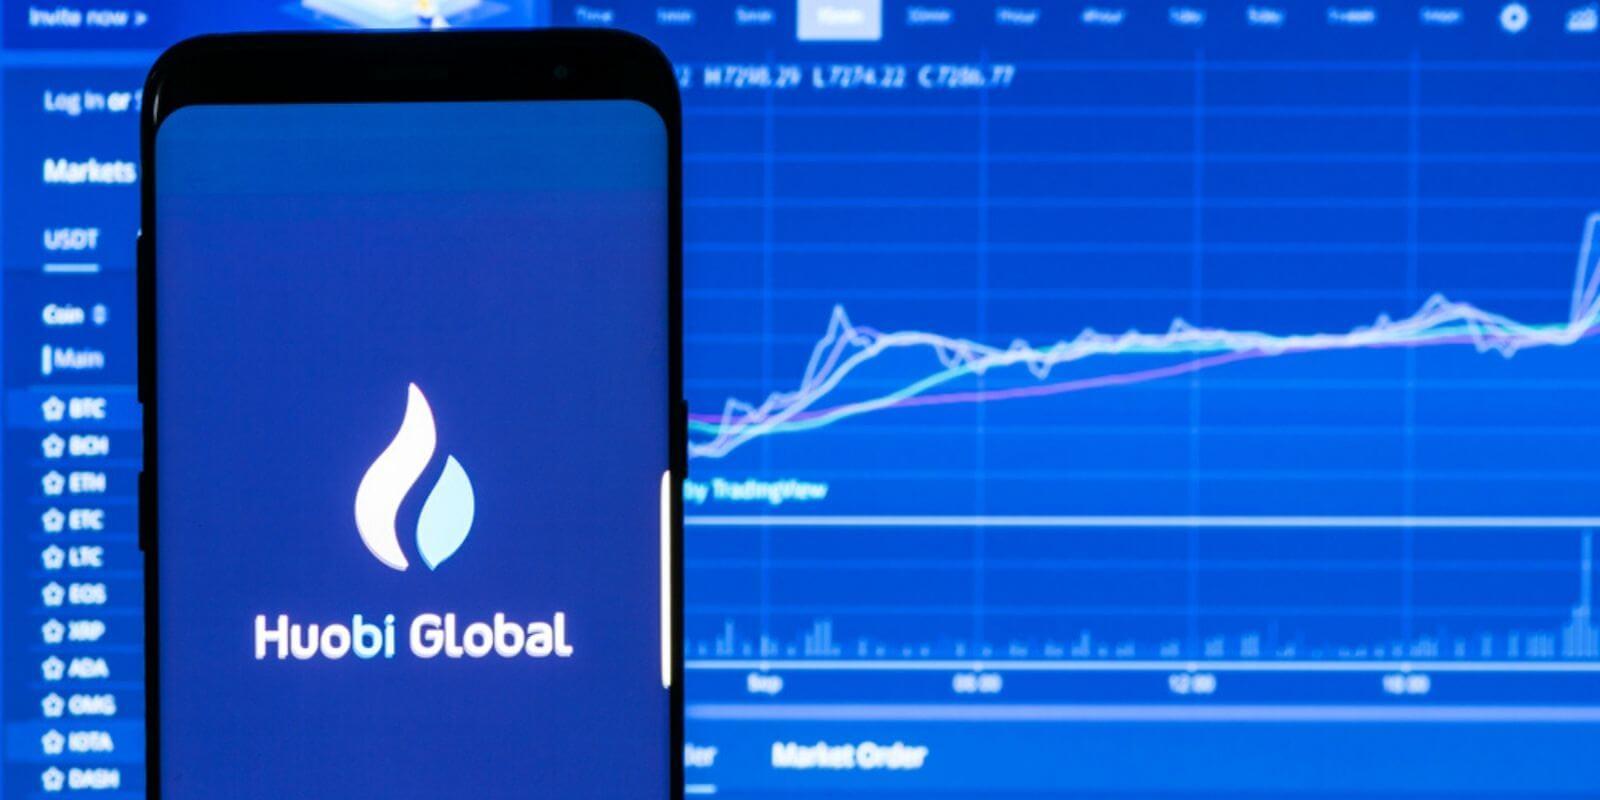 Huobi annonce le lancement d'un service de trading destiné aux investisseurs institutionnels